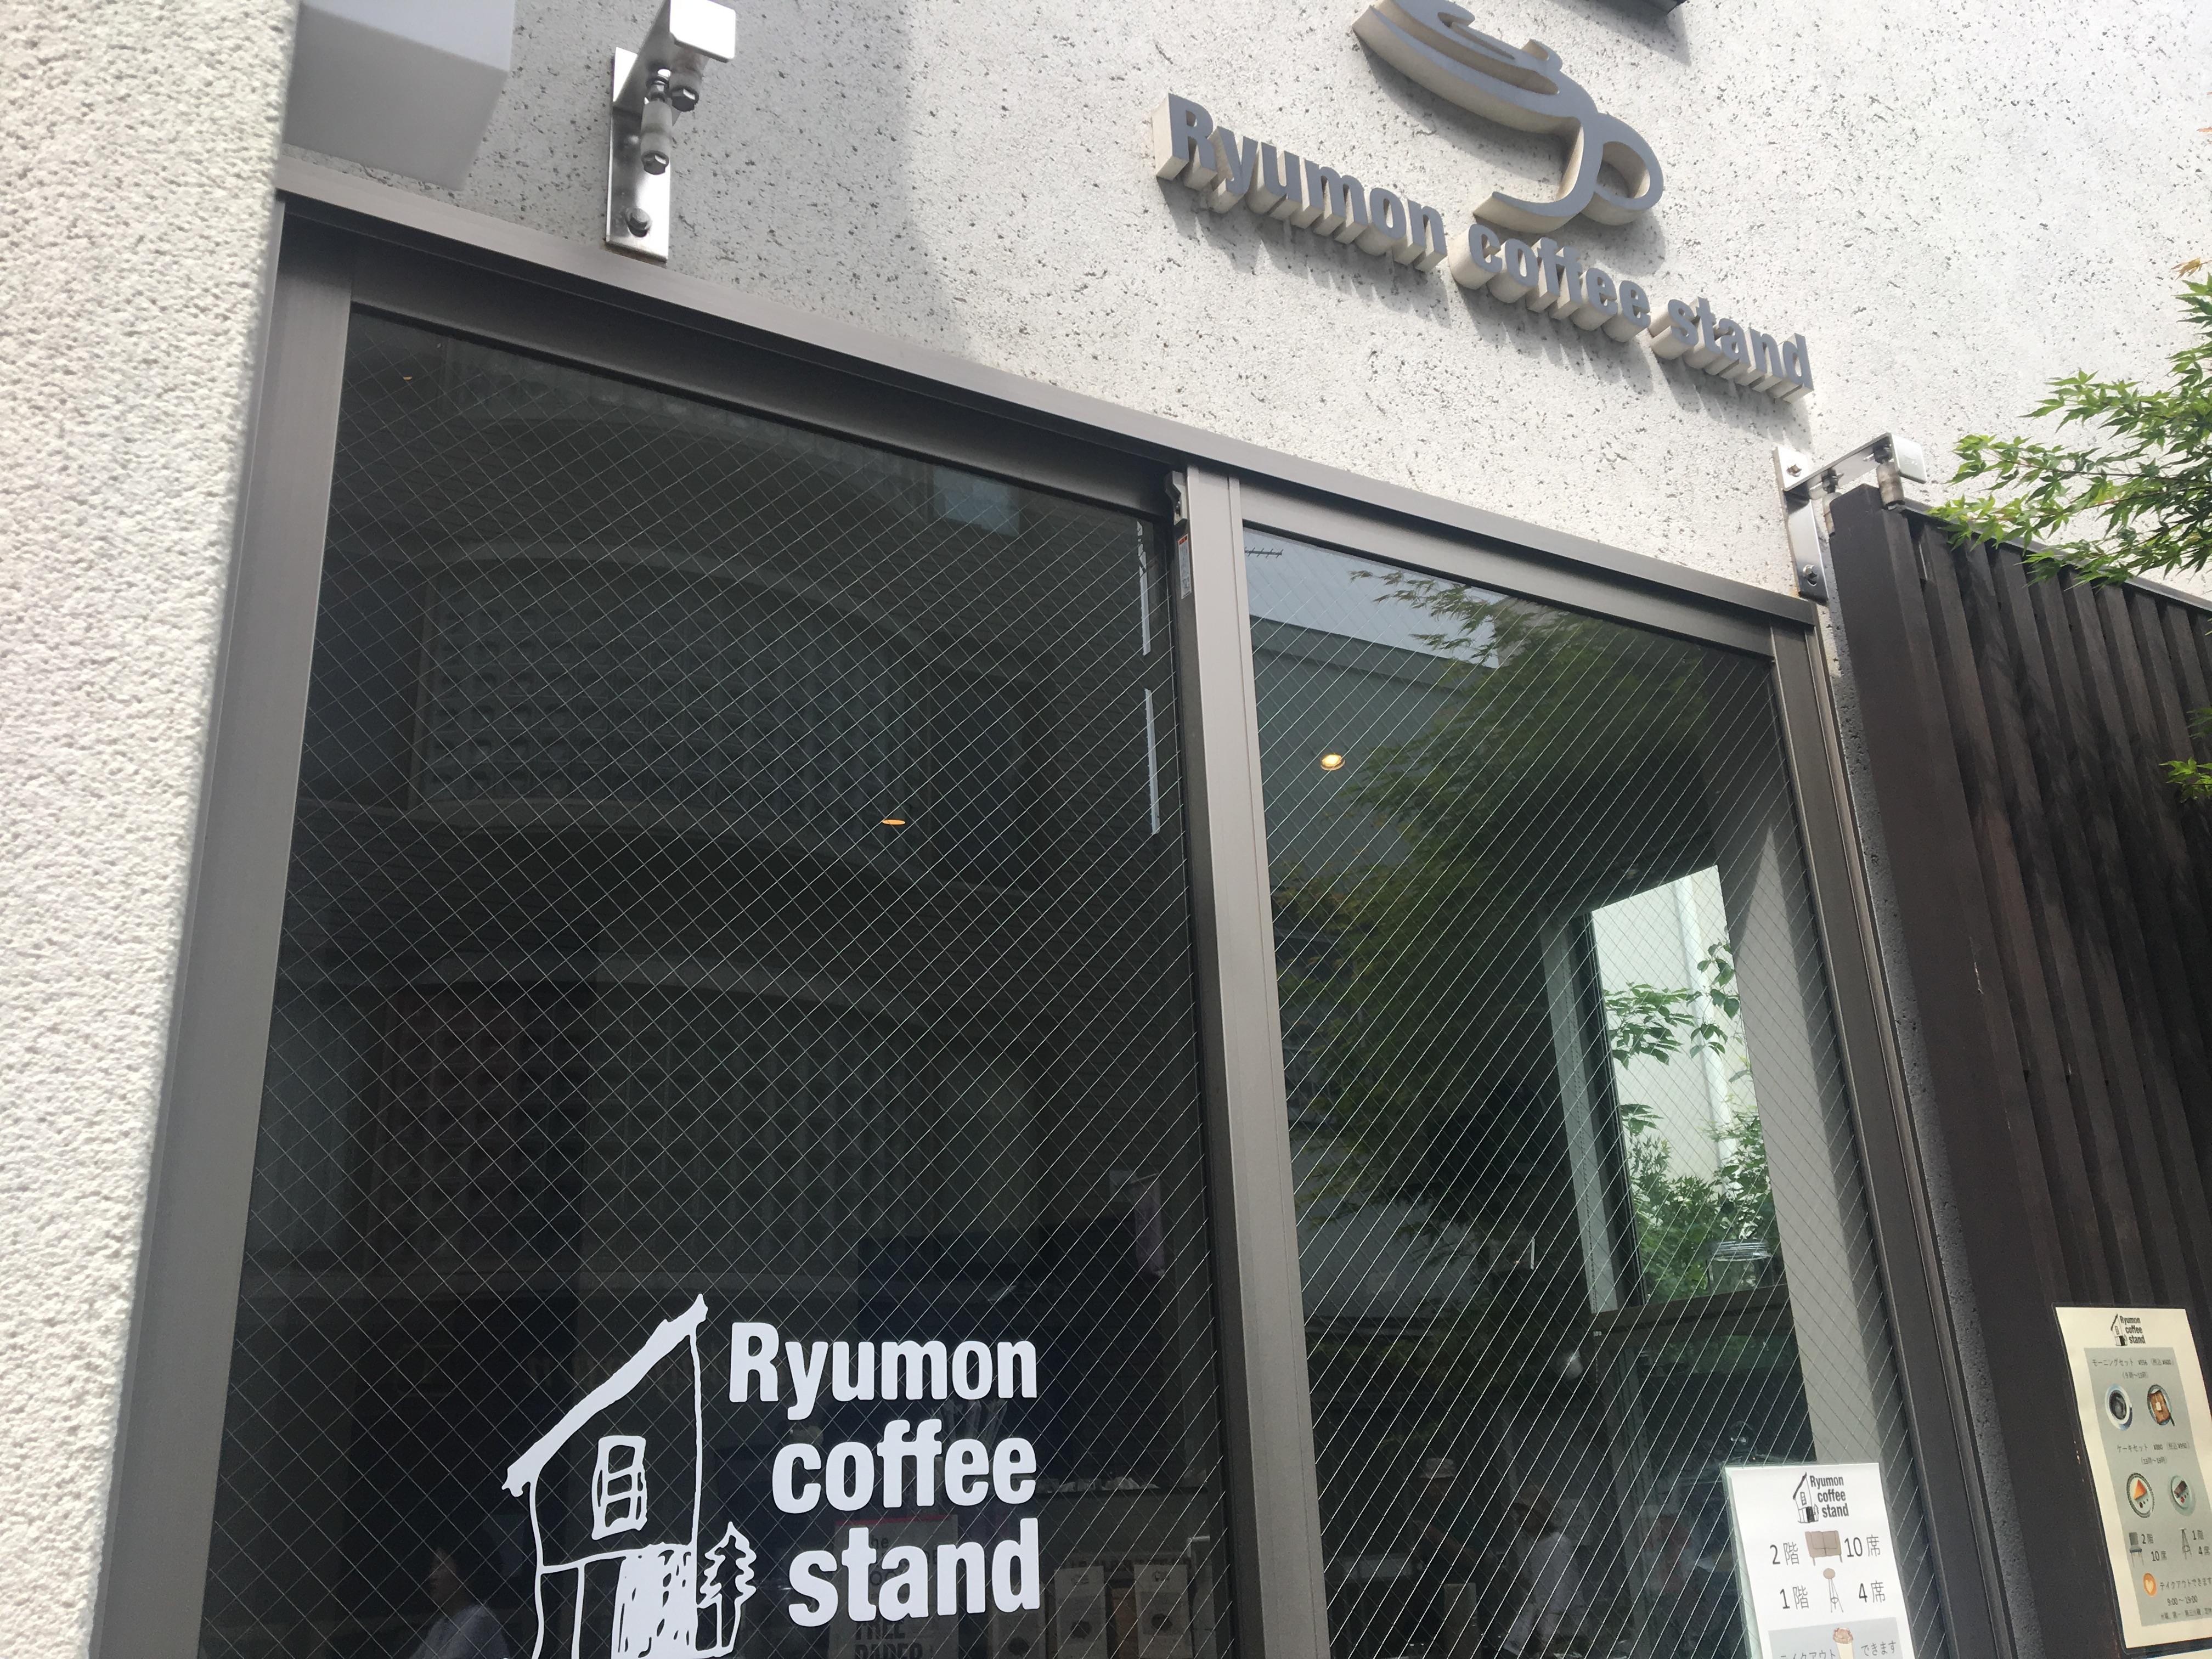 Ryumon coffee stand 入り口 外観